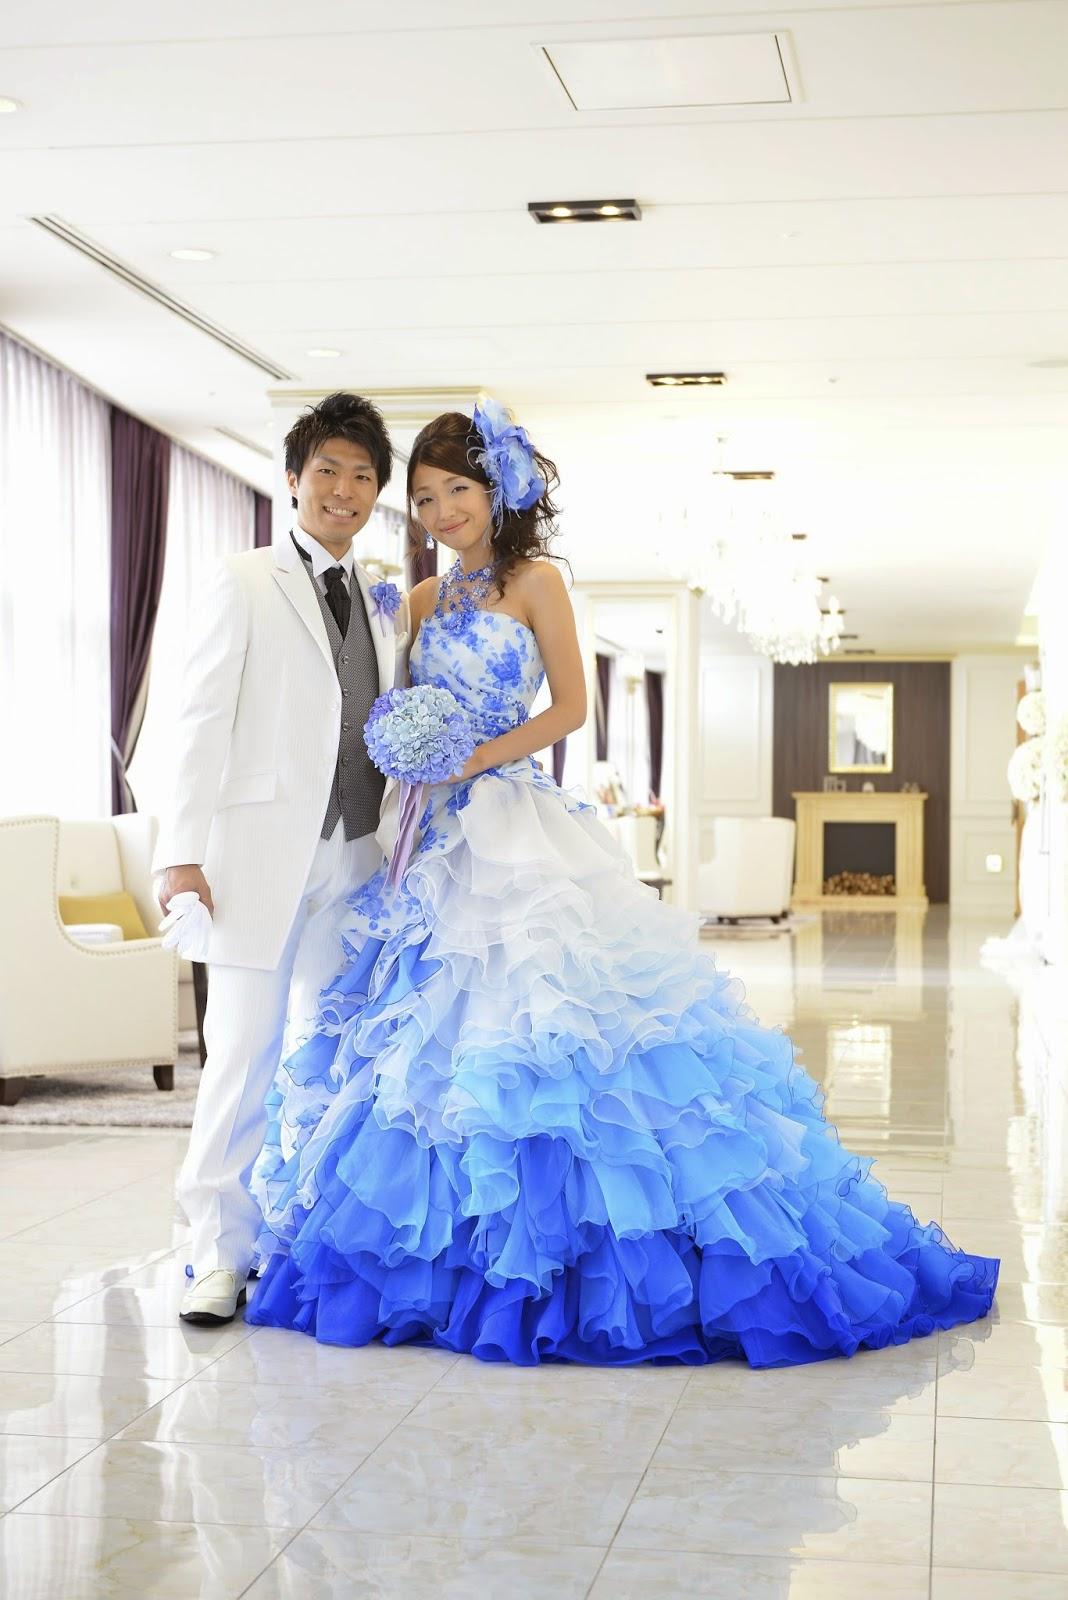 4517918ec498d 画像 水色 青(ブルー)のカラードレスを選んだ花嫁のブーケ・ヘアメイクコーディネート 新郎新婦画像まとめ